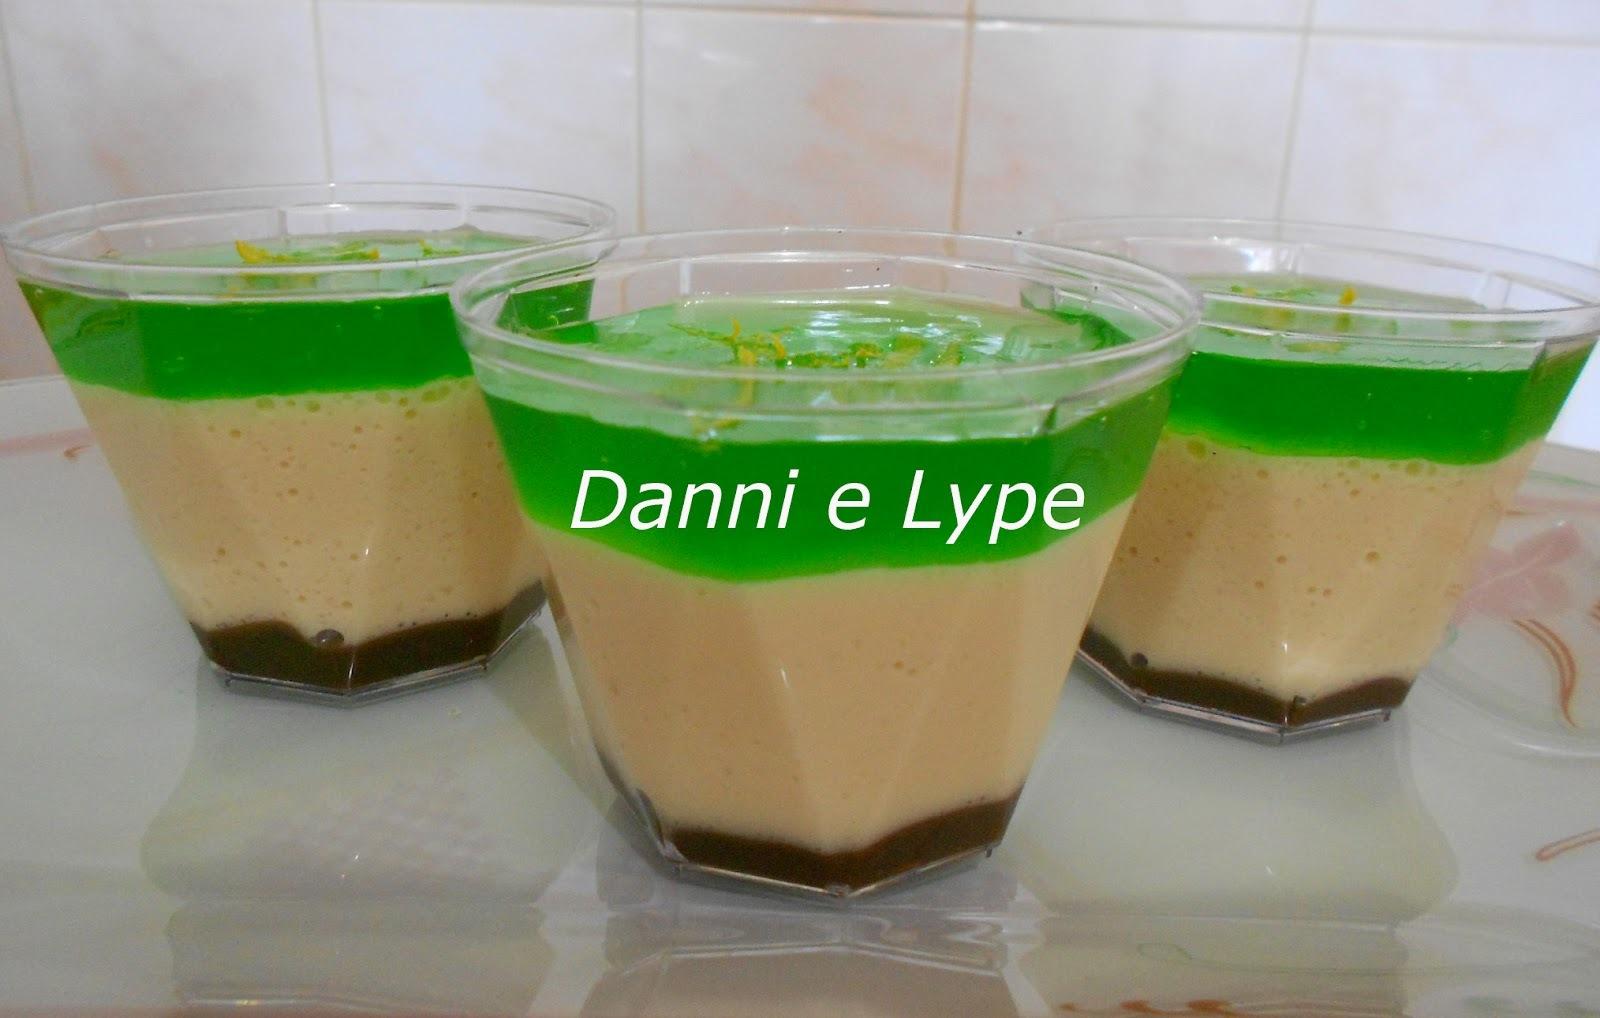 verrine de limão siciliano versão normal e diet